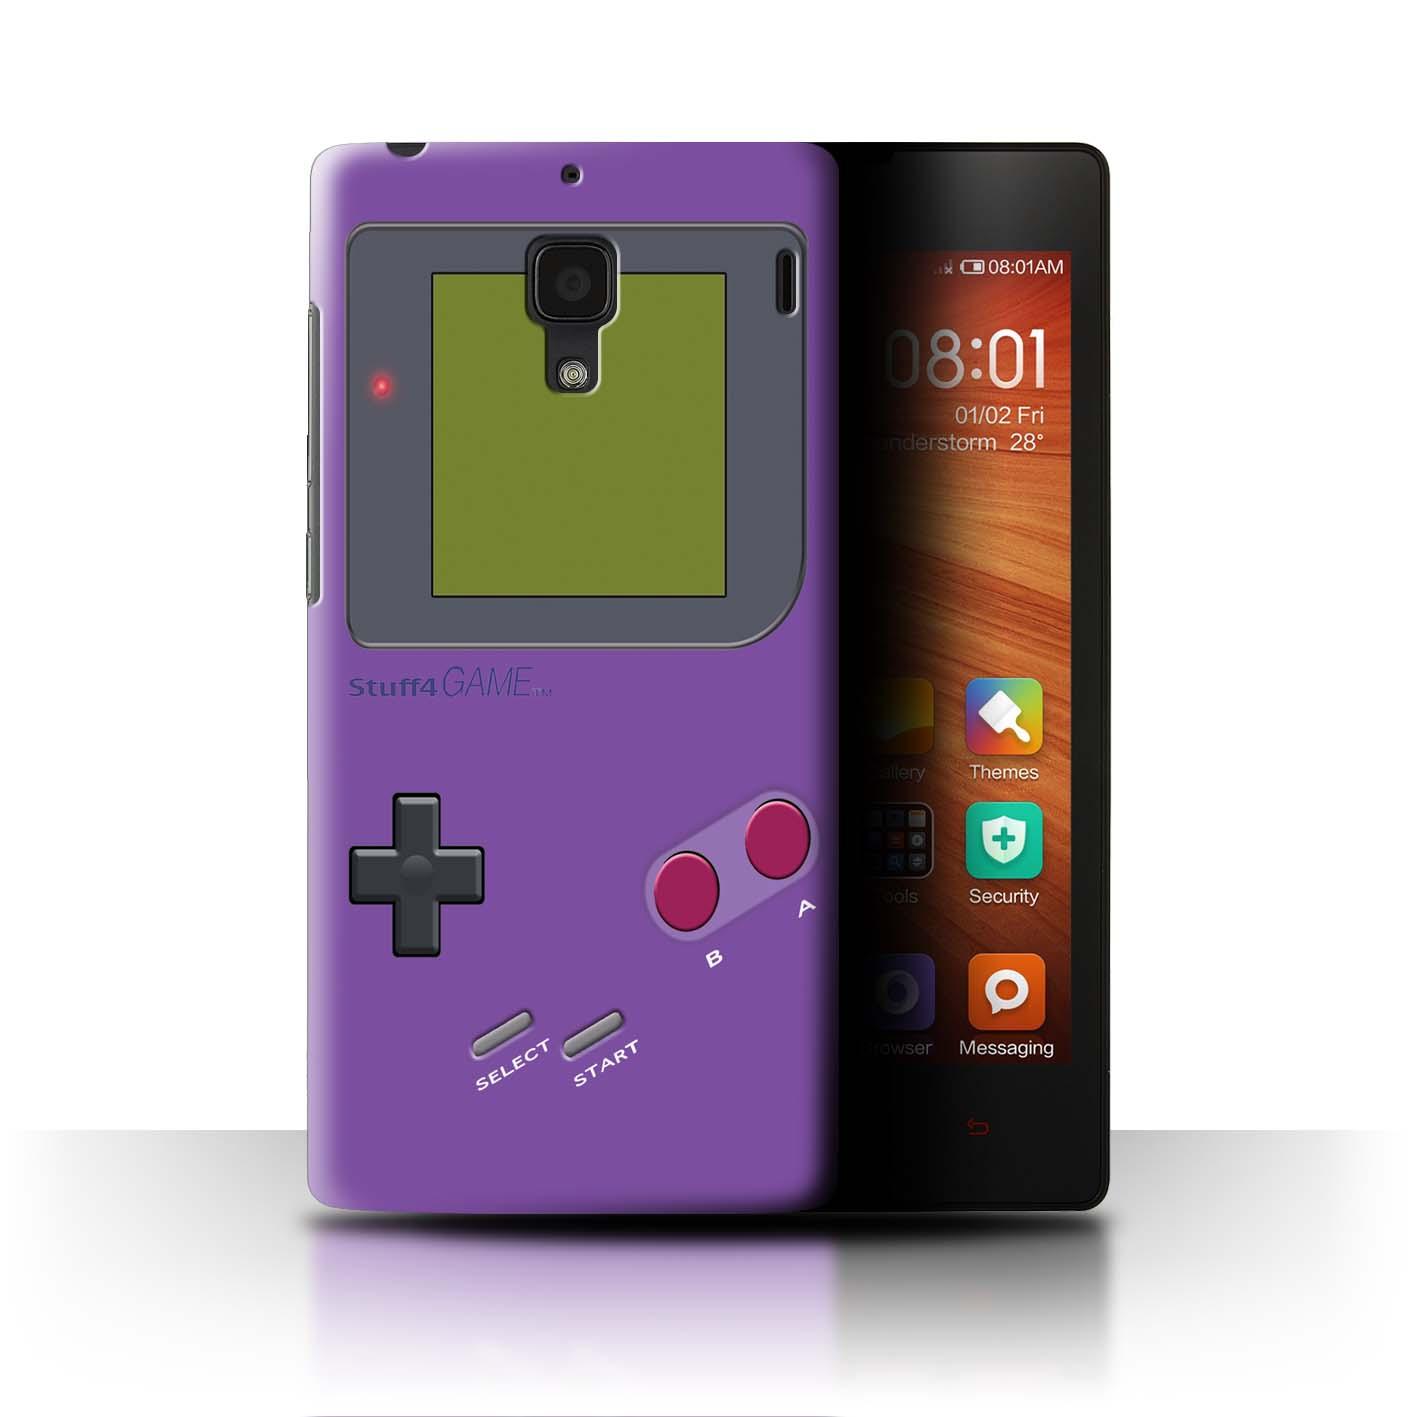 STUFF4-Back-Case-Cover-Skin-for-Xiaomi-Redmi-1S-Video-Gamer-Gameboy